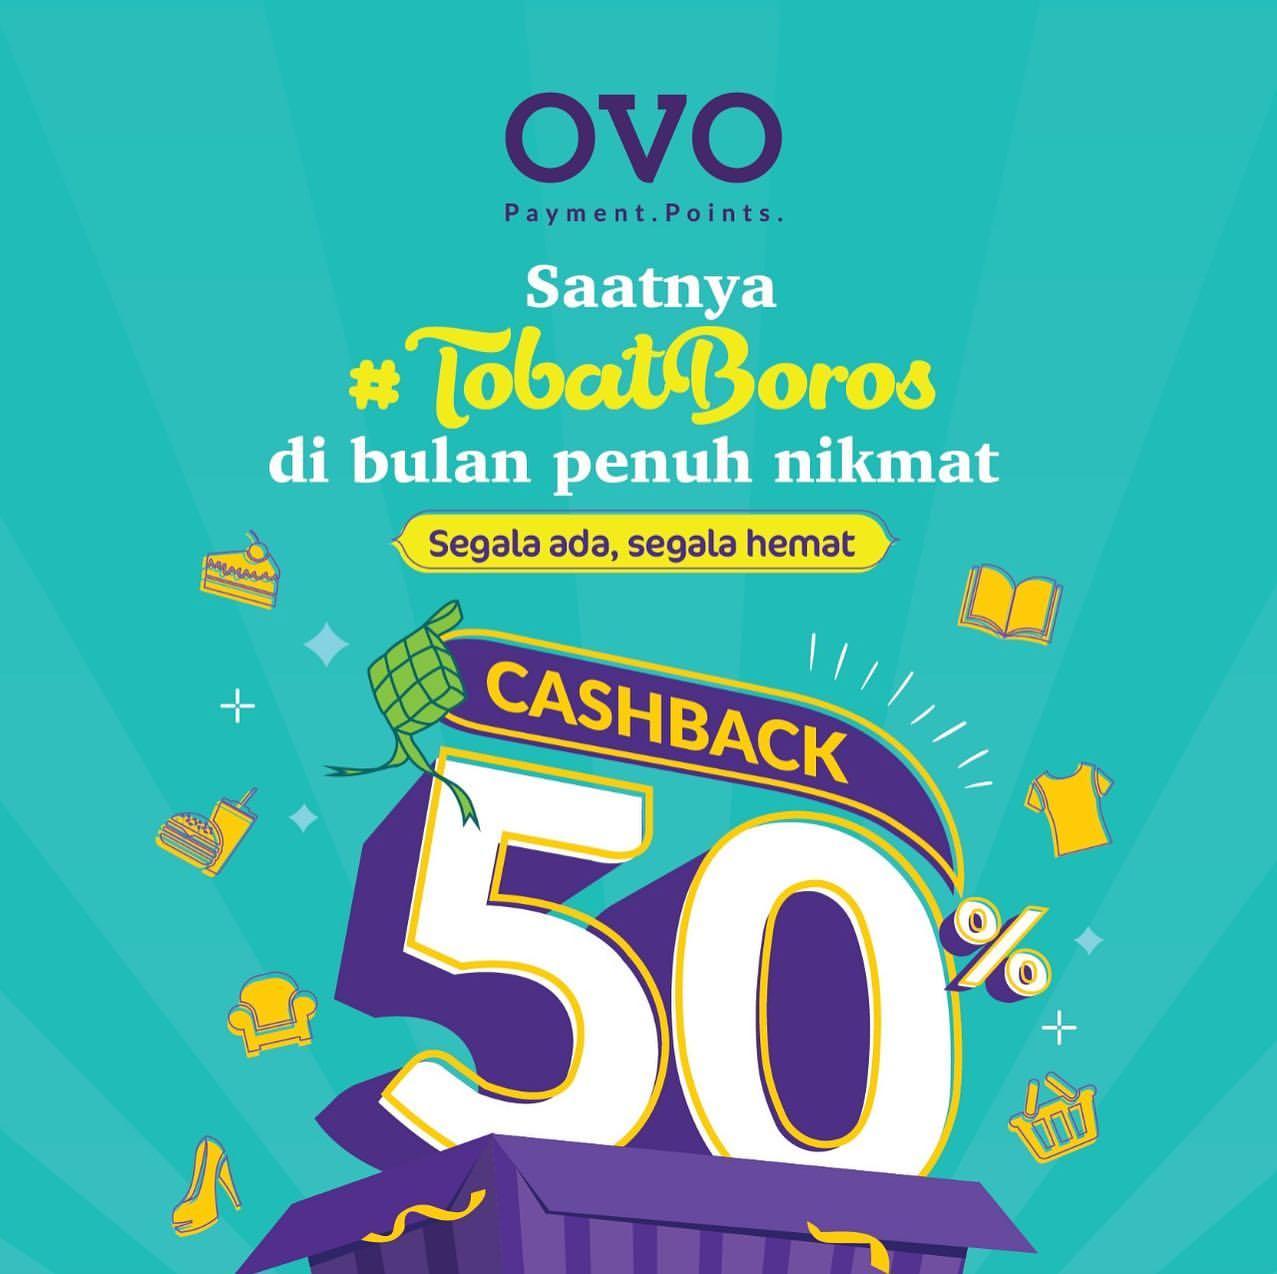 Old Chang Kee Promo CASHBACK 50% dengan OVO